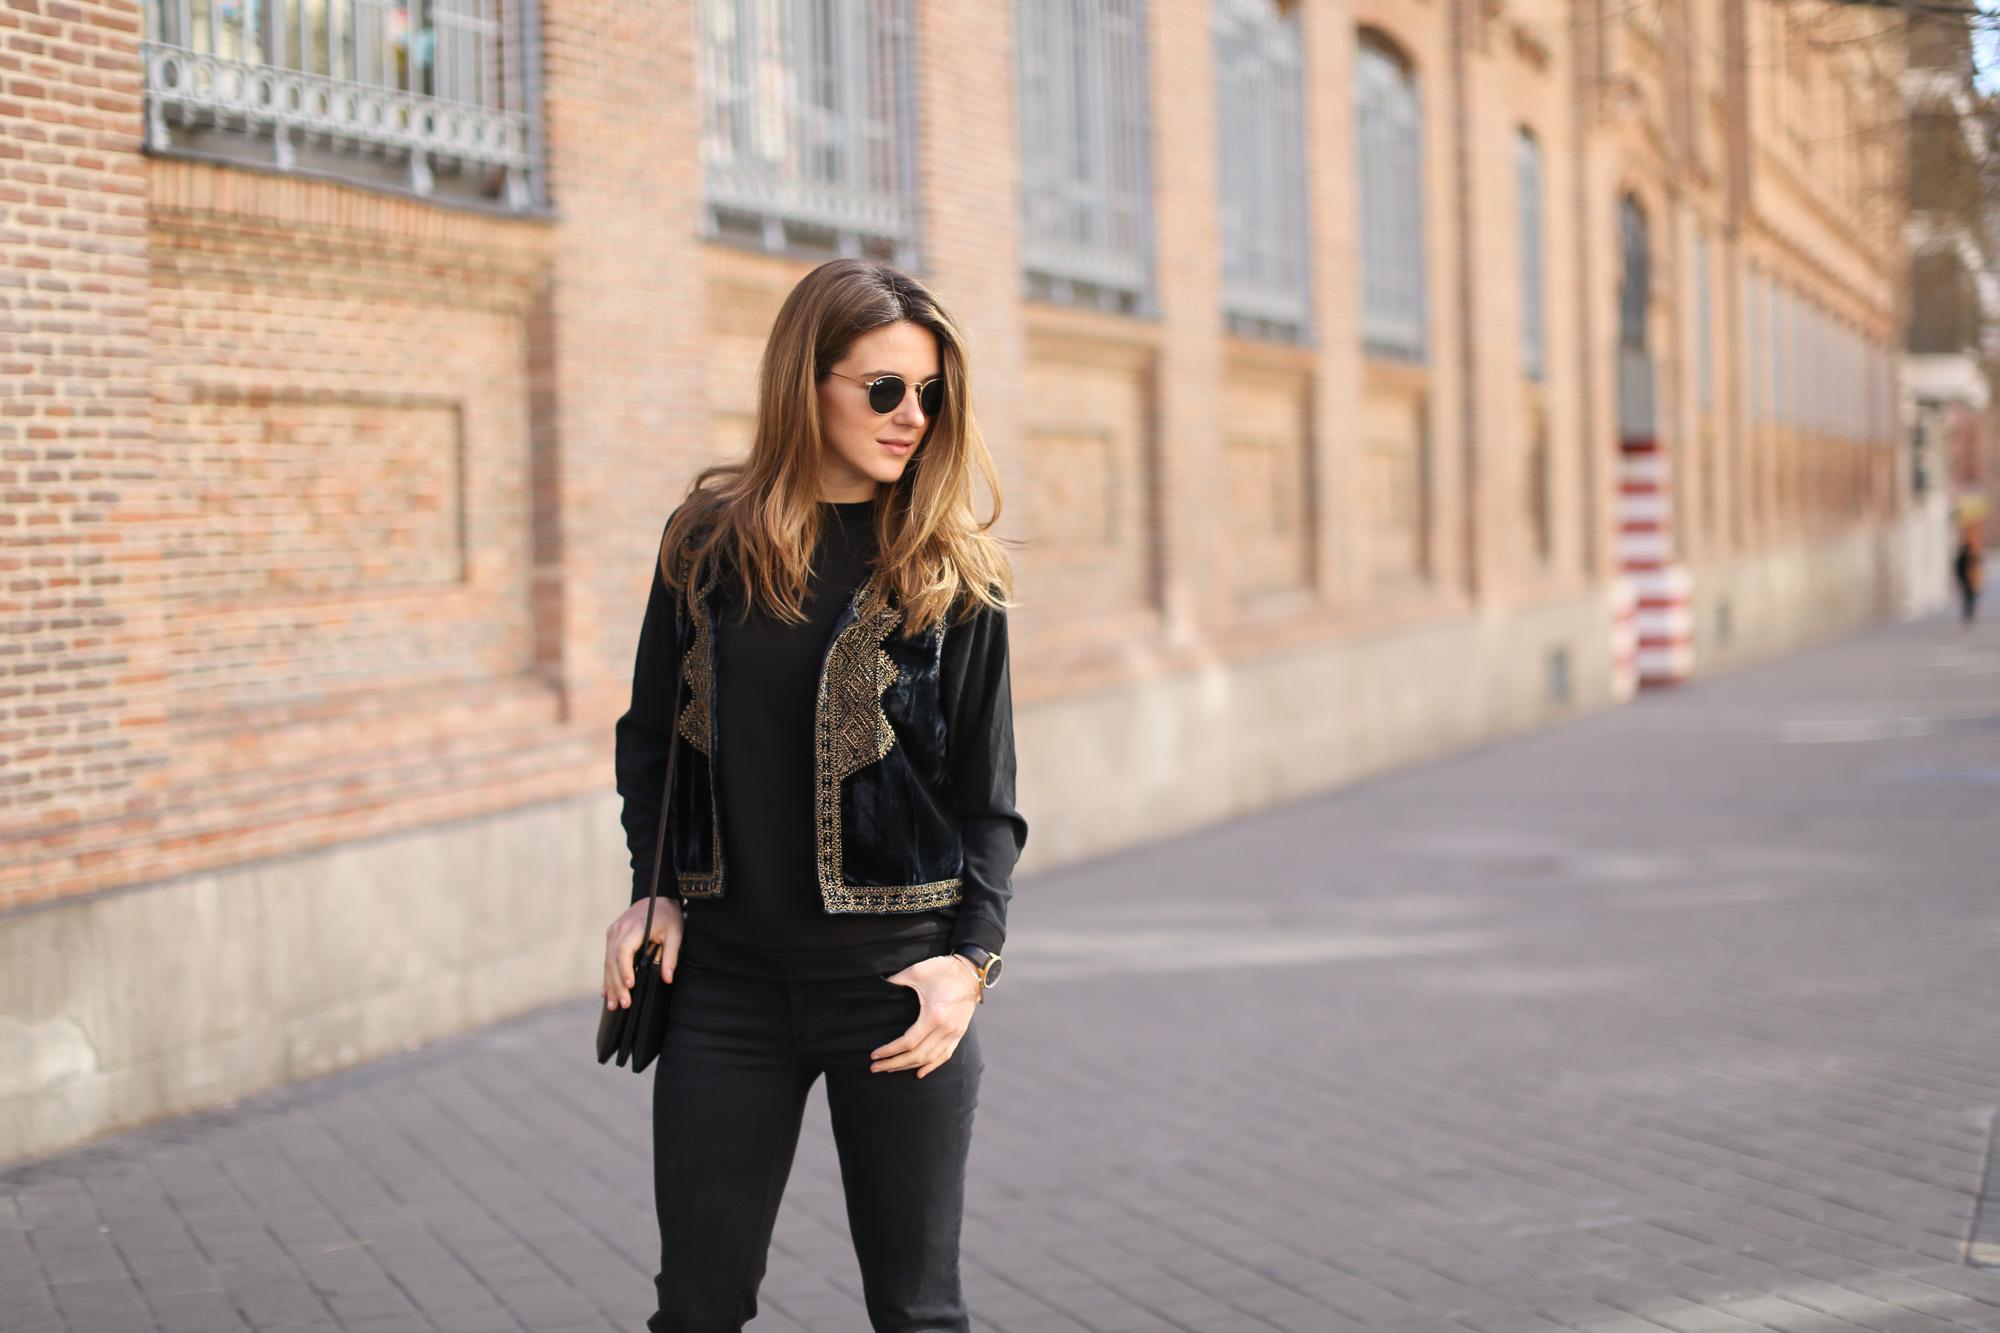 Finery Clochet Blog De Moda Tendencias Y Lifestyle